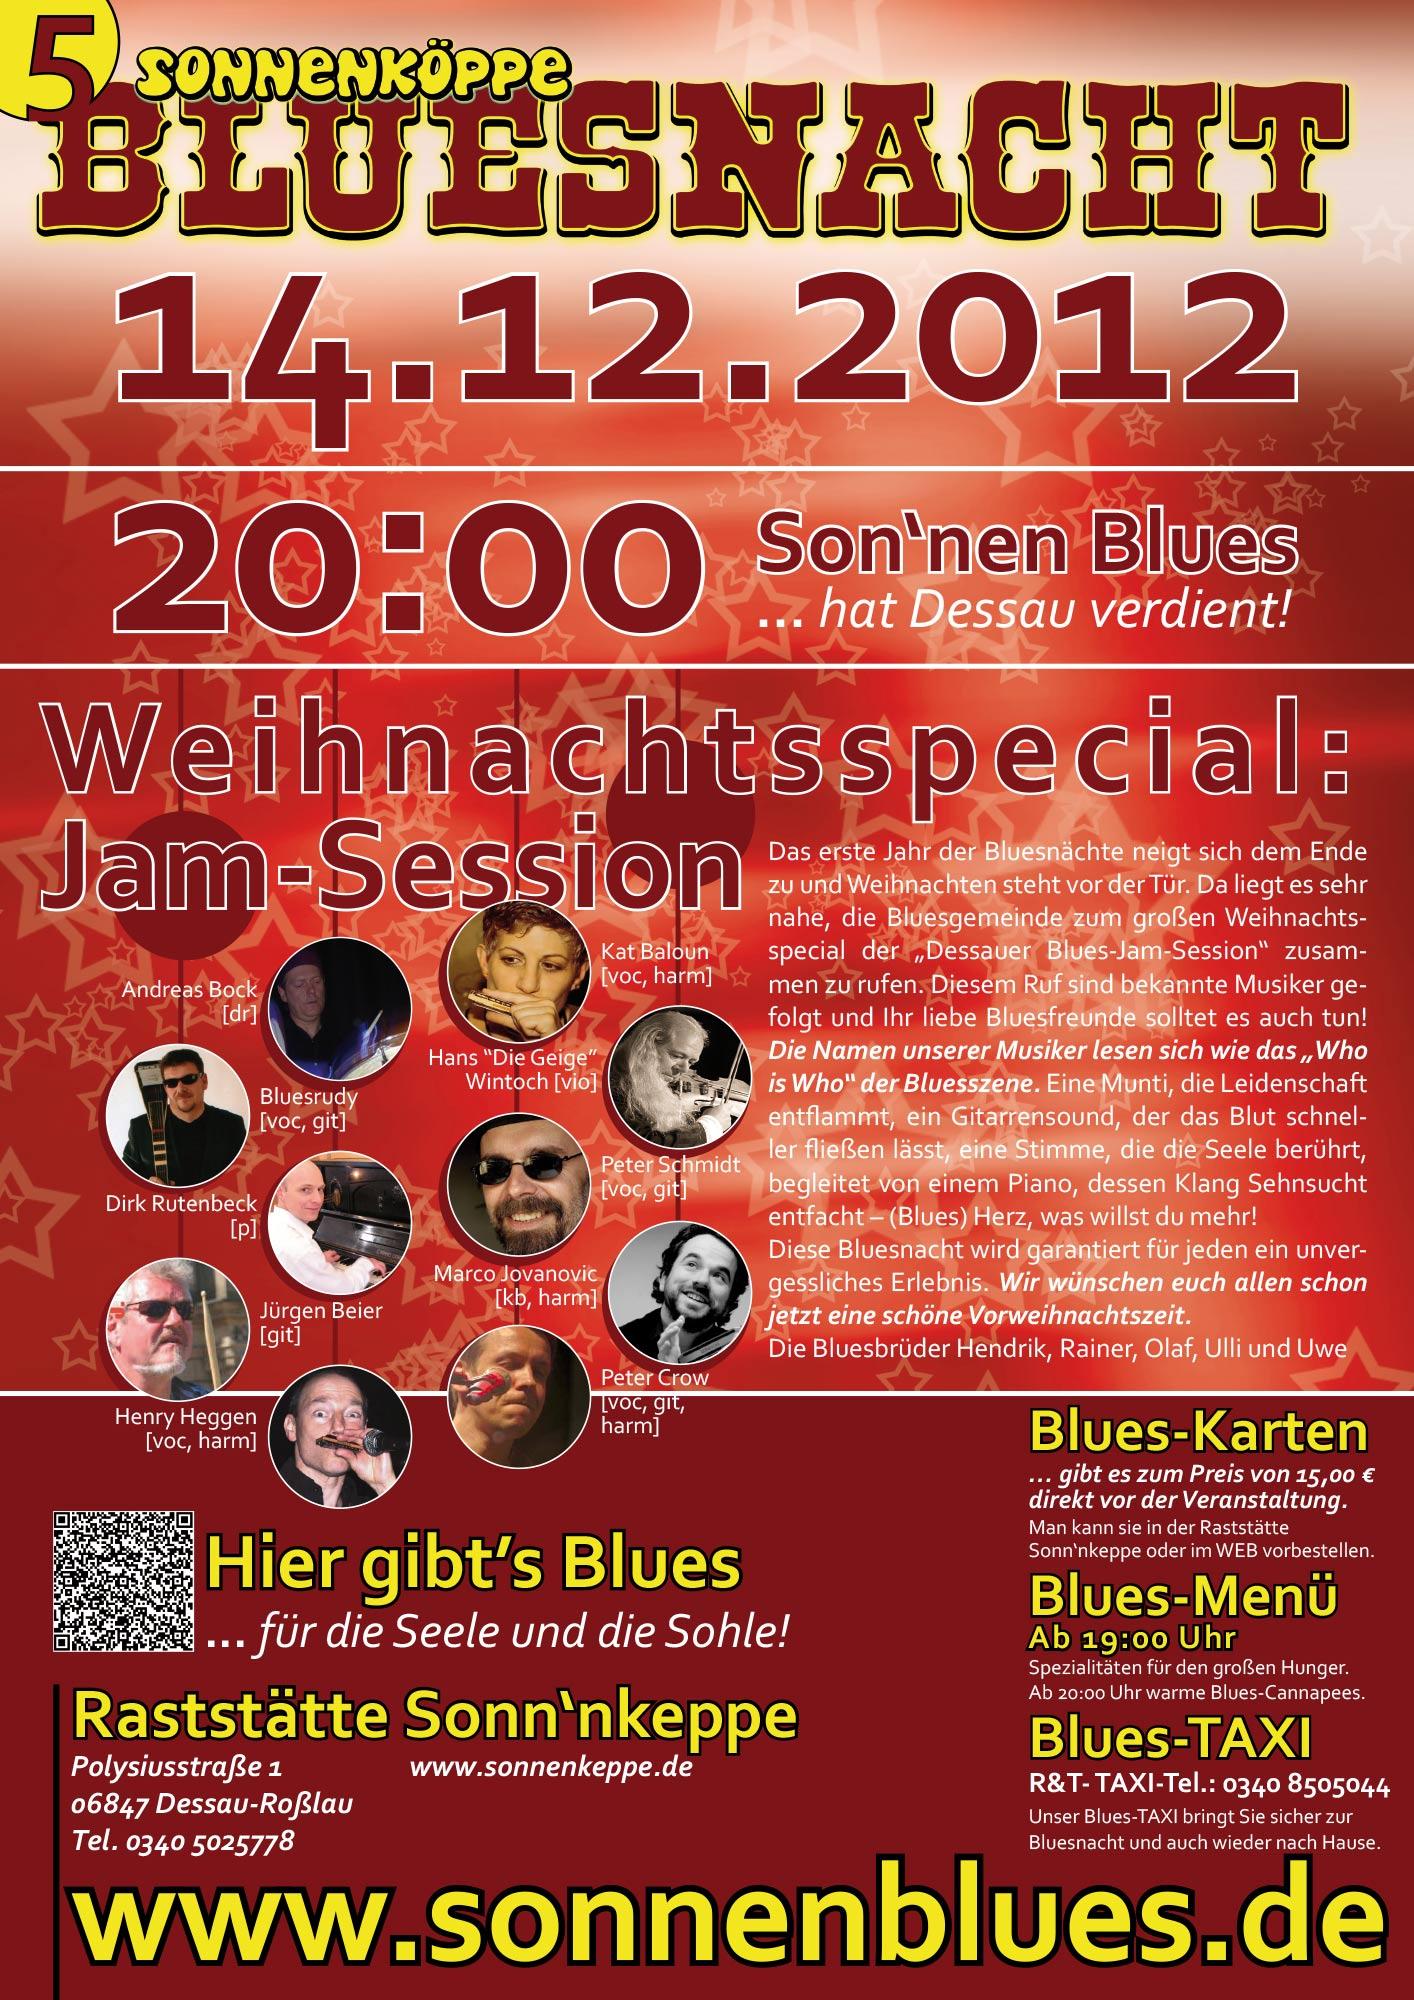 Bluesnacht #6 - Die große Weihnachts-Jamsession 2012